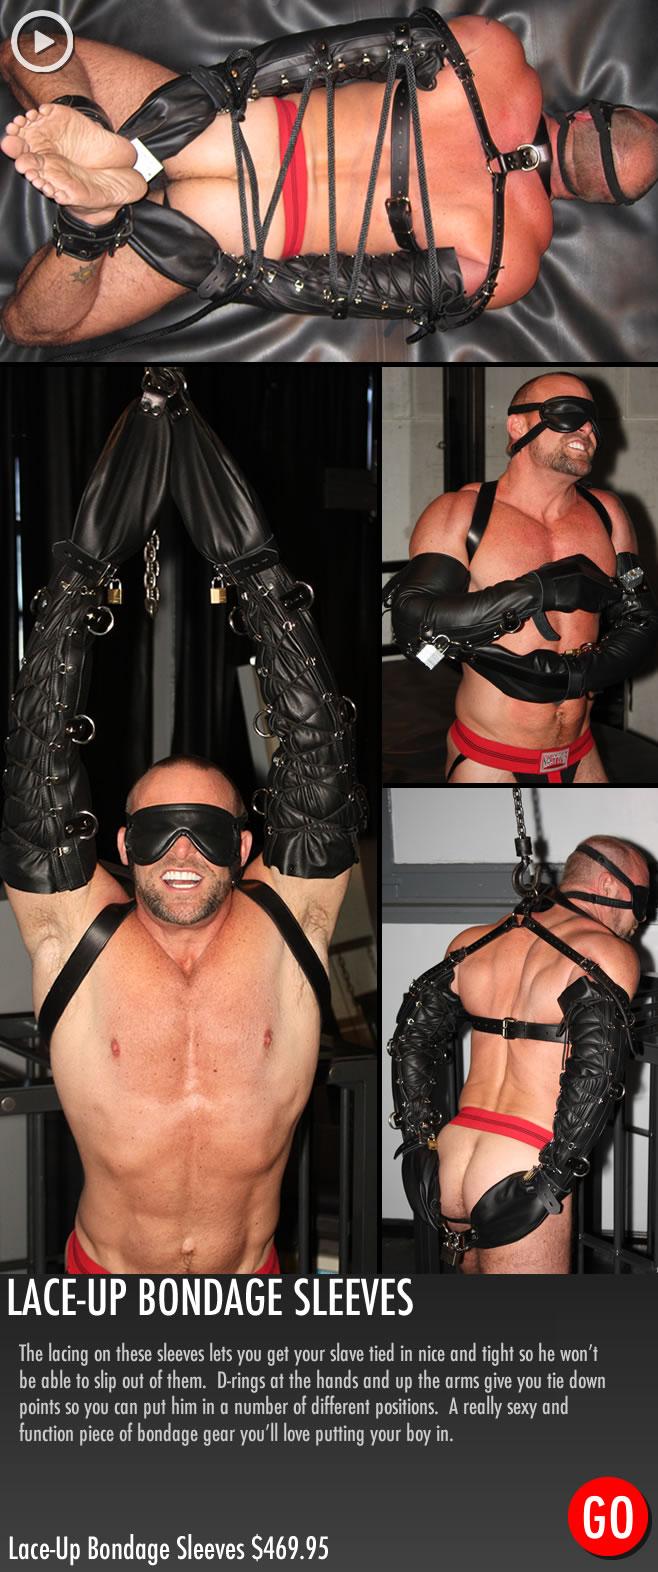 gay_bondage_Lace-Up_Bondage_Sleeves